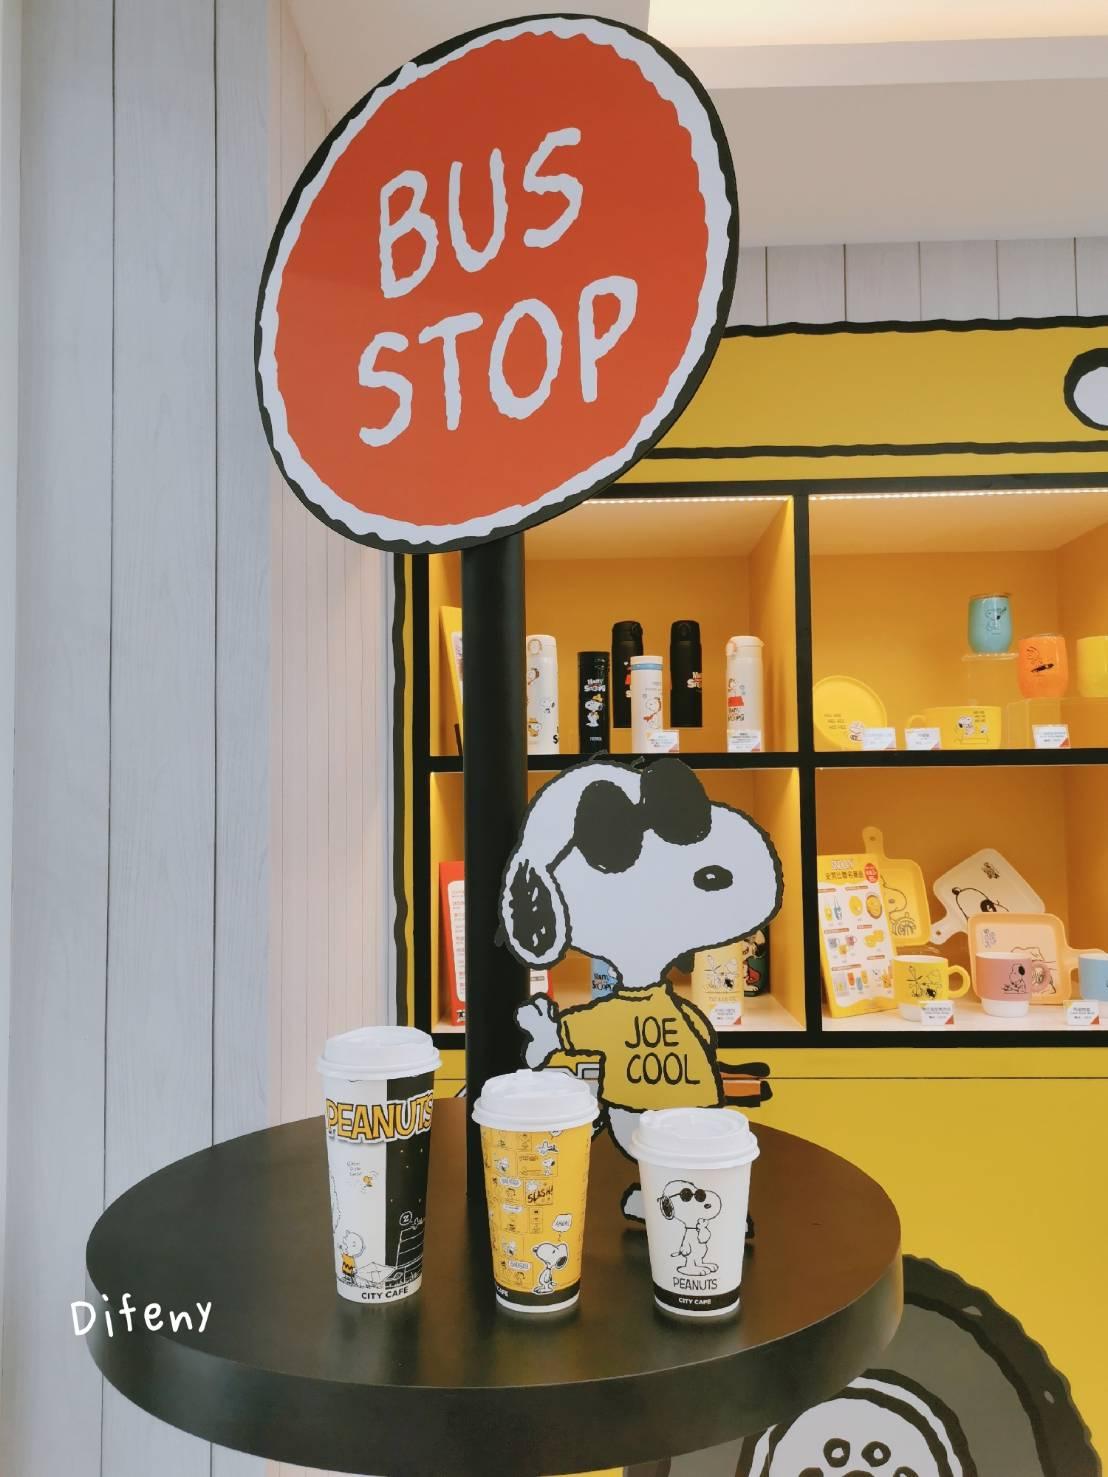 史奴比7-11,太萌太可愛,snoopy迷不可錯過的小七分店,整個店都是snoopy啊~